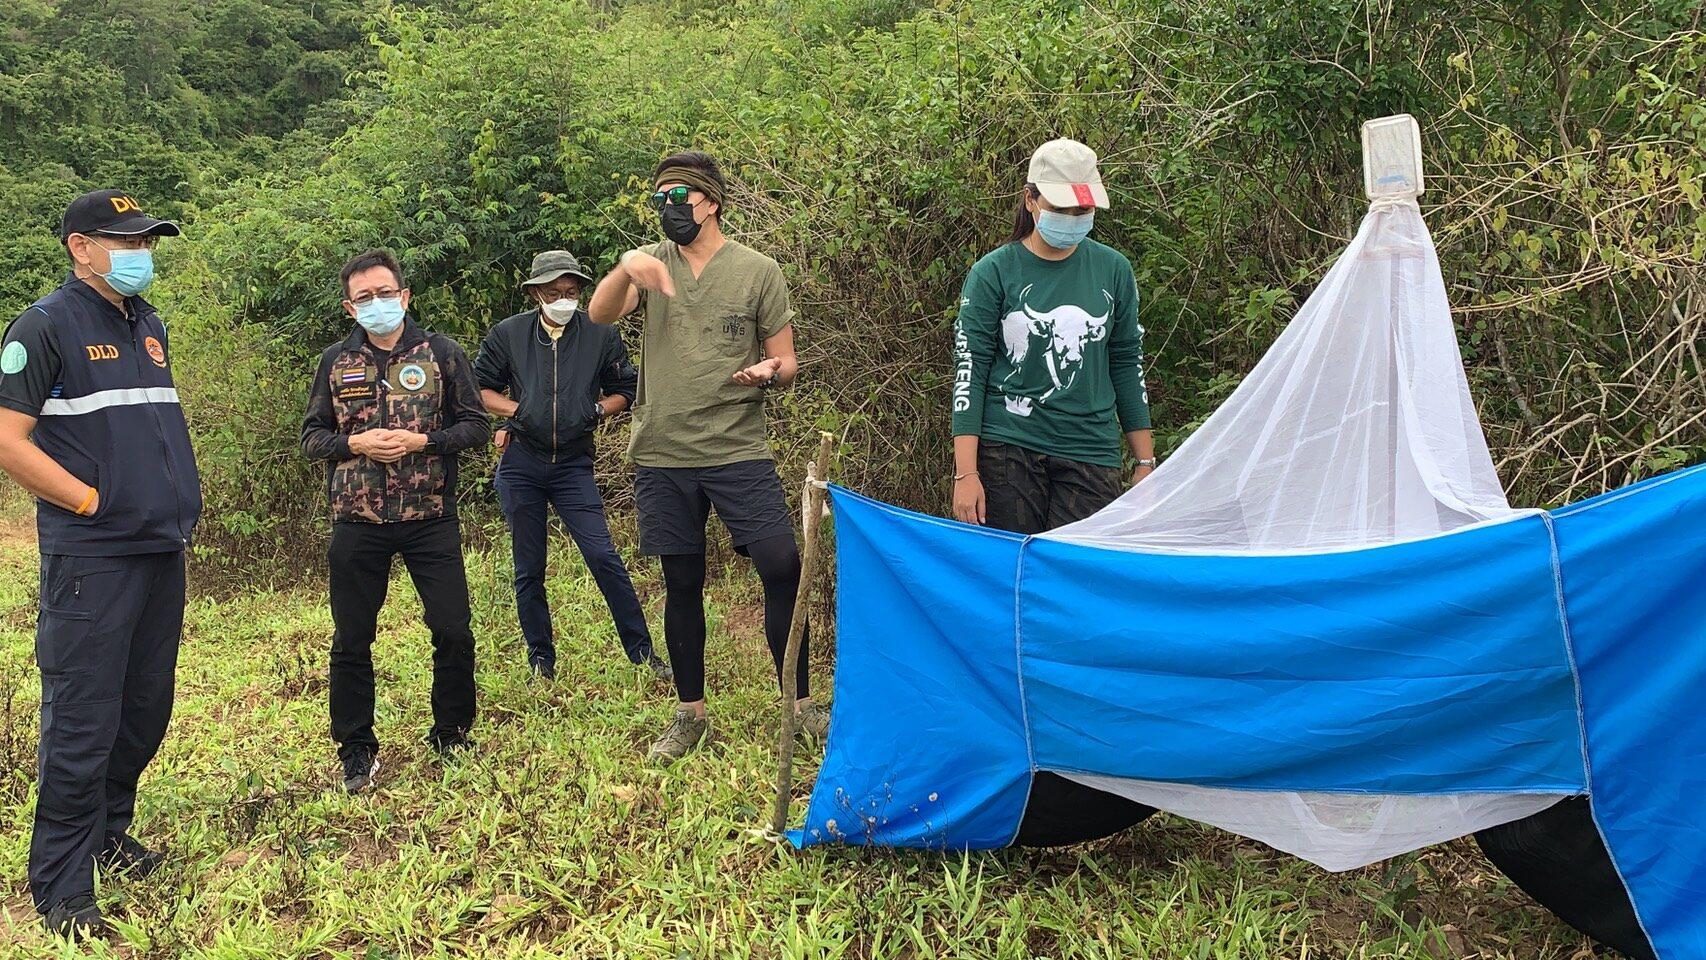 กรมอุทยานฯ ยก กุยบุรีนำร่องต้นแบบ แก้ปัญหาเจอเชื้อลัมปีสกินในซากกระทิง